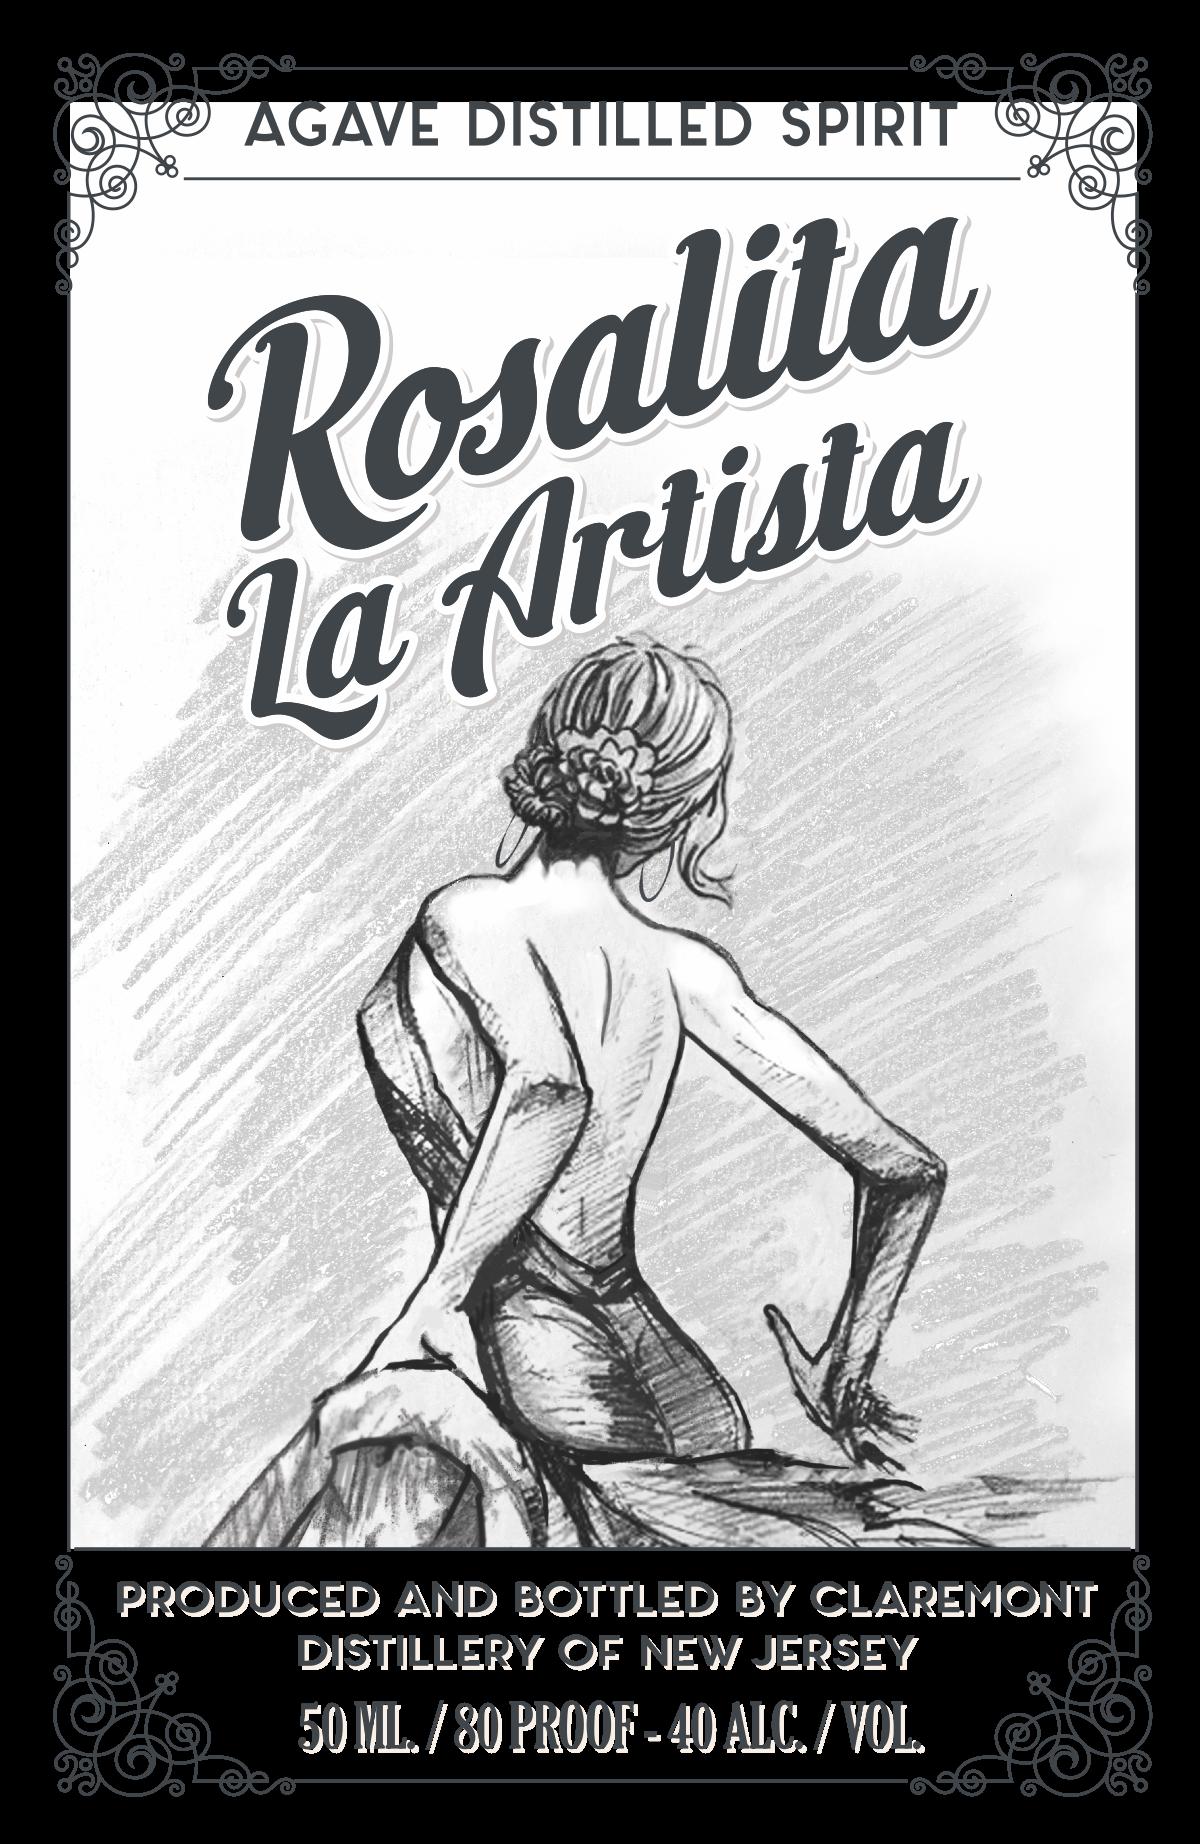 Rosalita La Artista